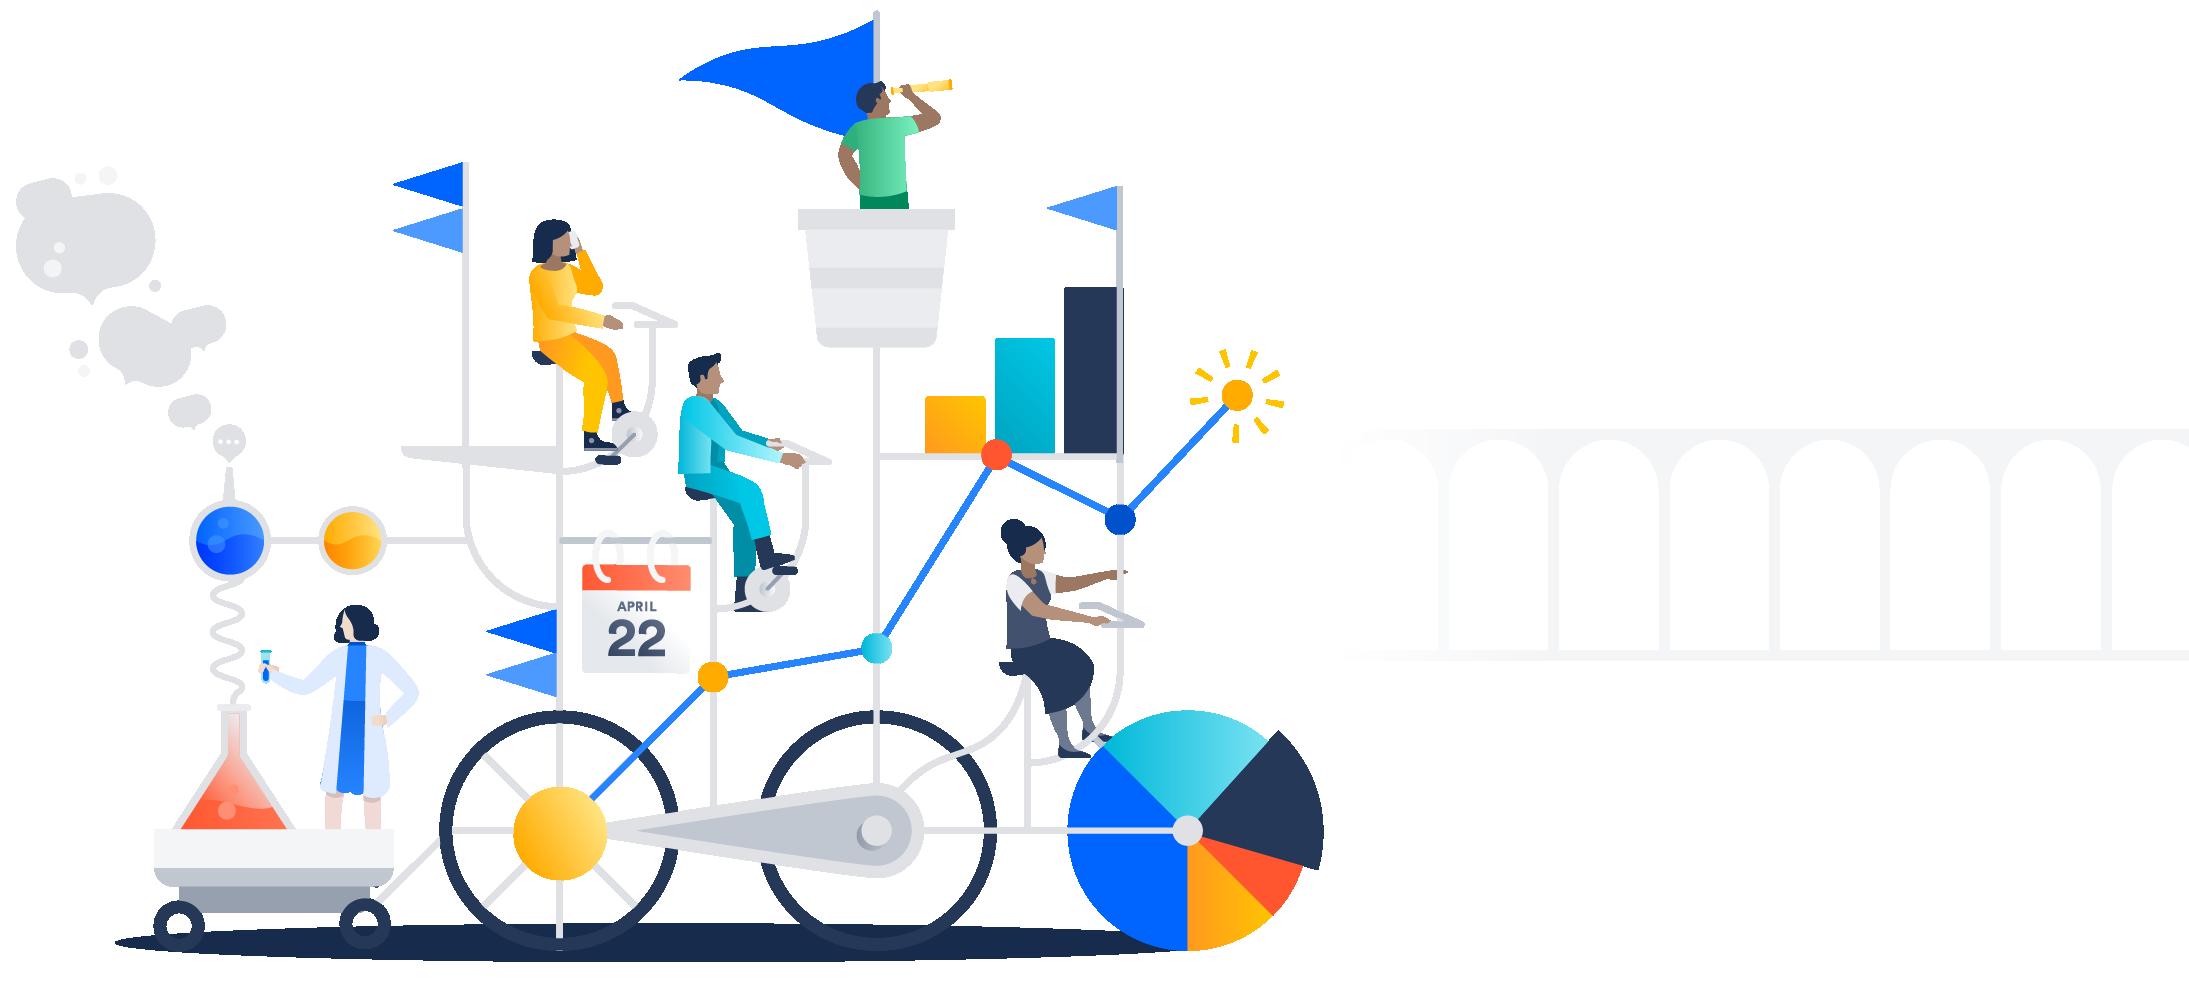 Рисунок: несколько человек на хитроумном велосипеде